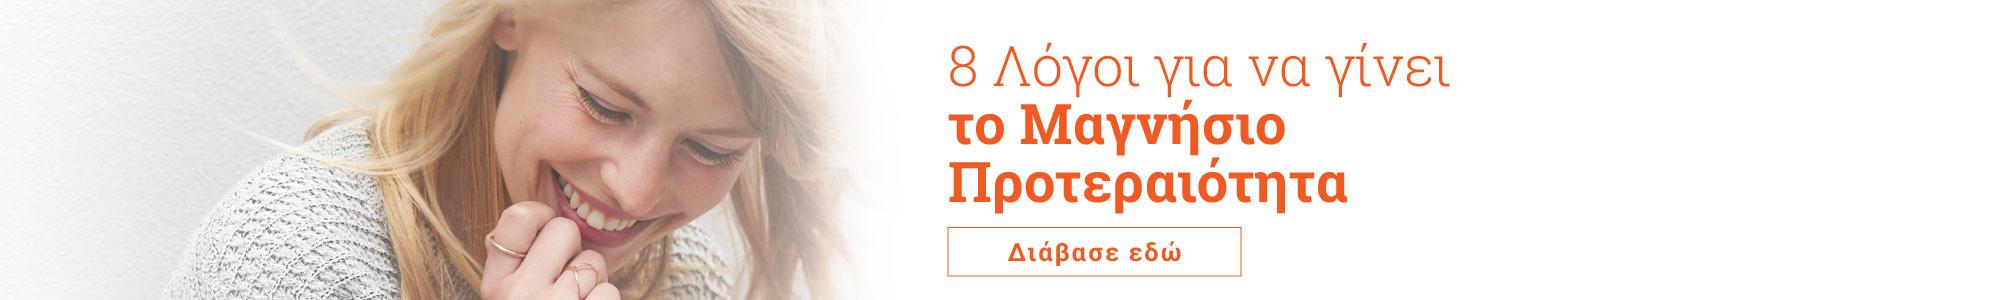 8 Λόγοι για να γίνει το Μαγνήσιο Προτεραιότητα - Διάβασε εδώ